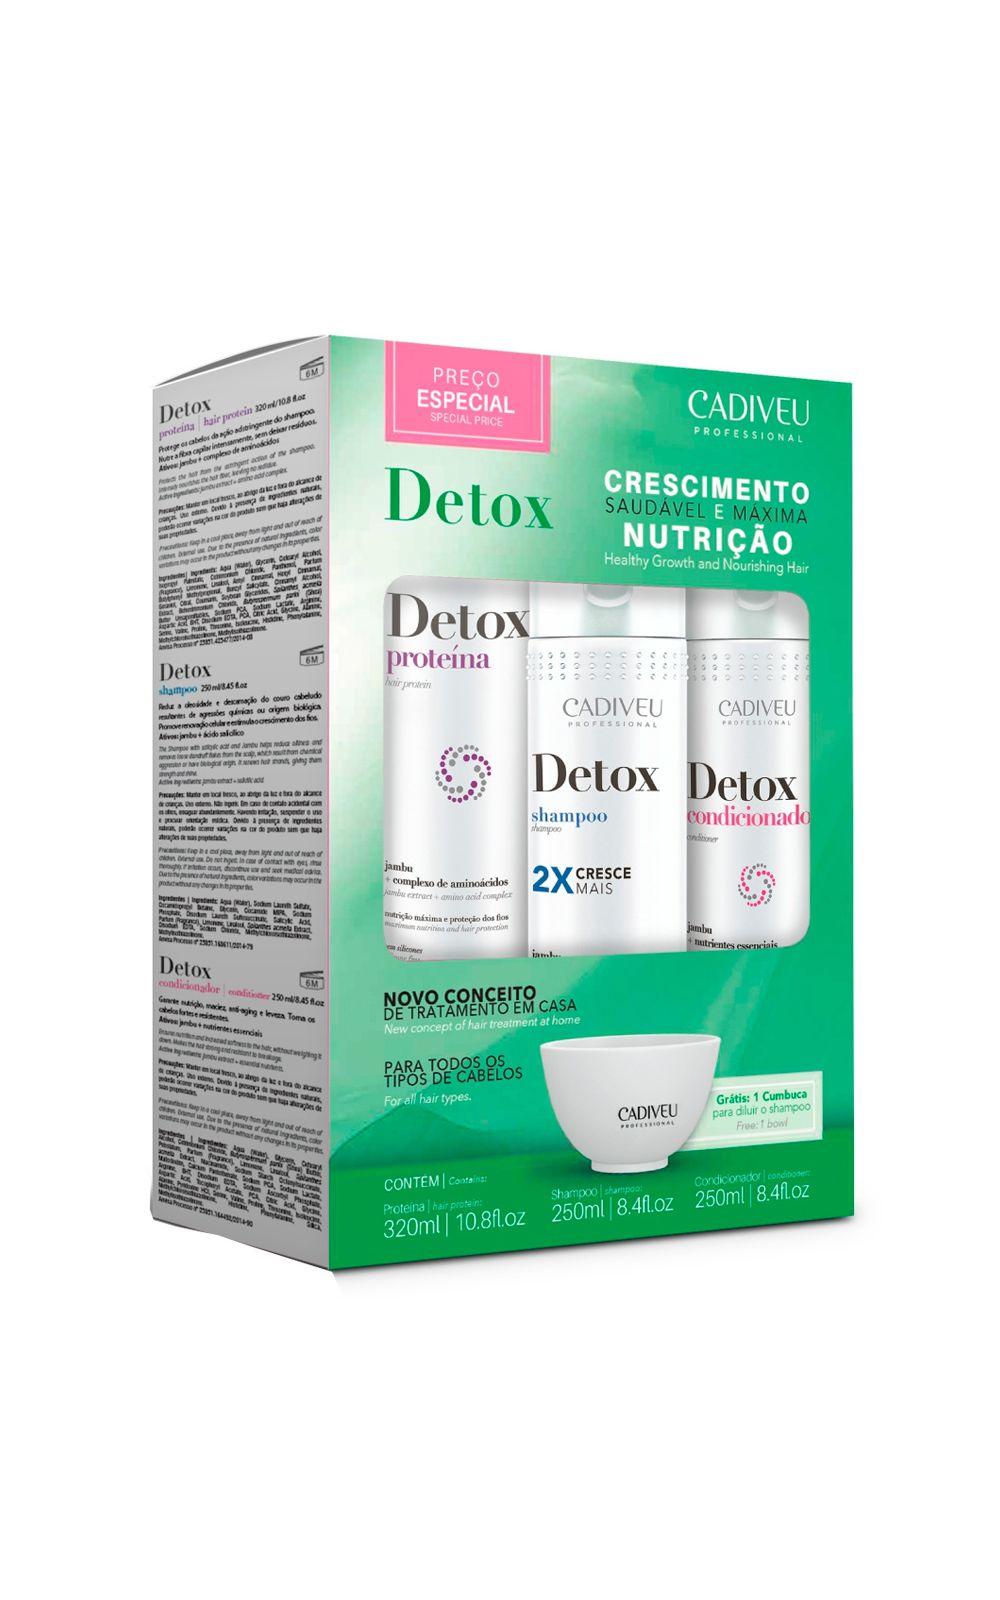 Foto 2 - Kit de Tratamento Cadiveu Detox - nenhuma